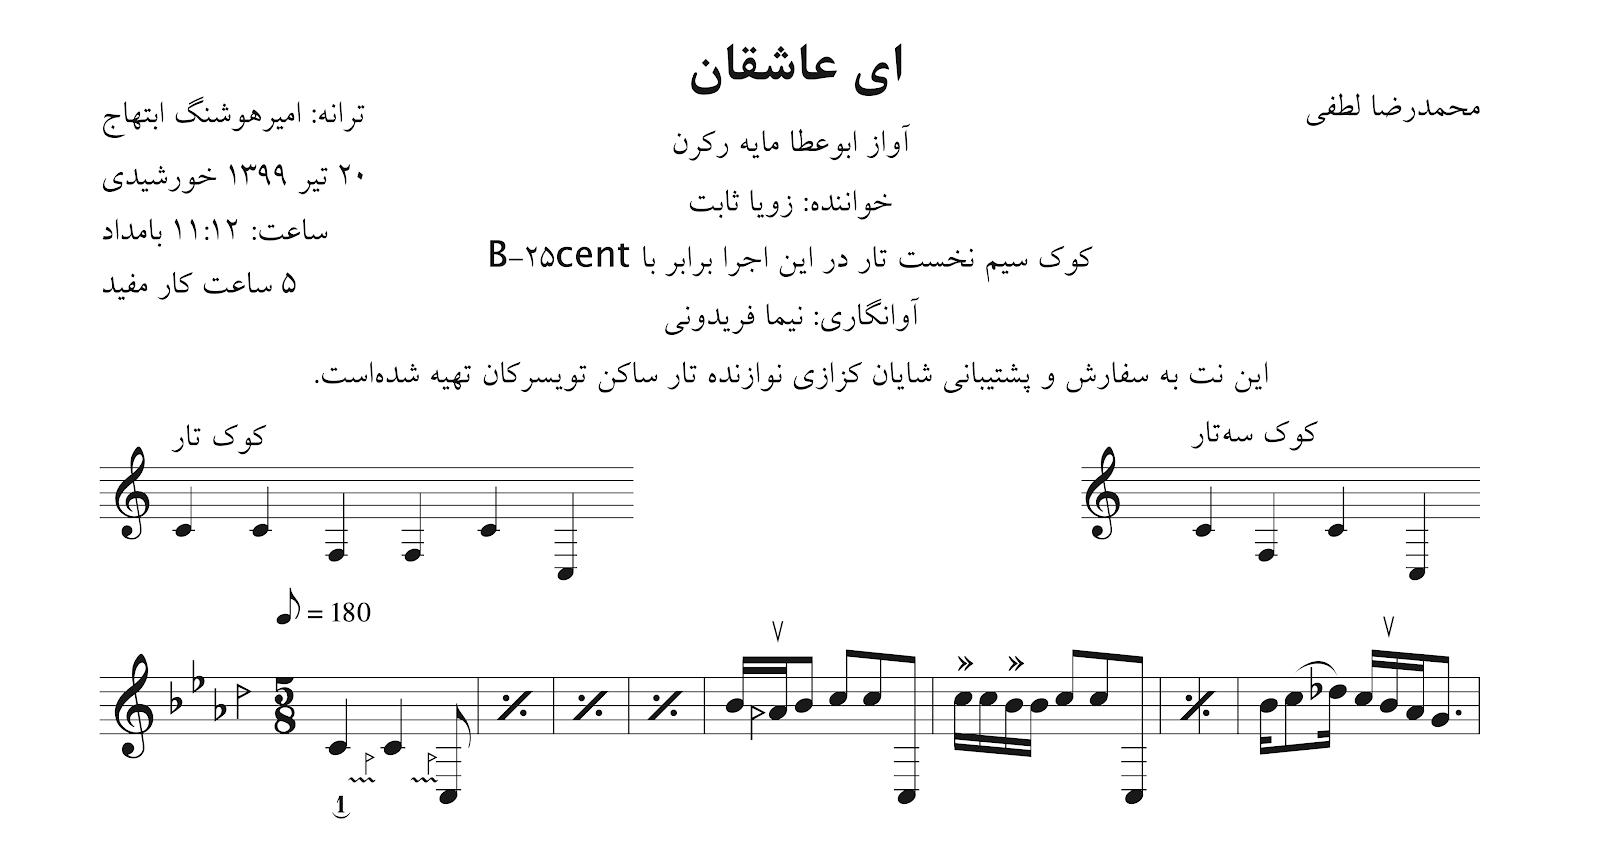 نت ای عاشقان محمدرضا لطفی آوانگاری نیما فریدونی